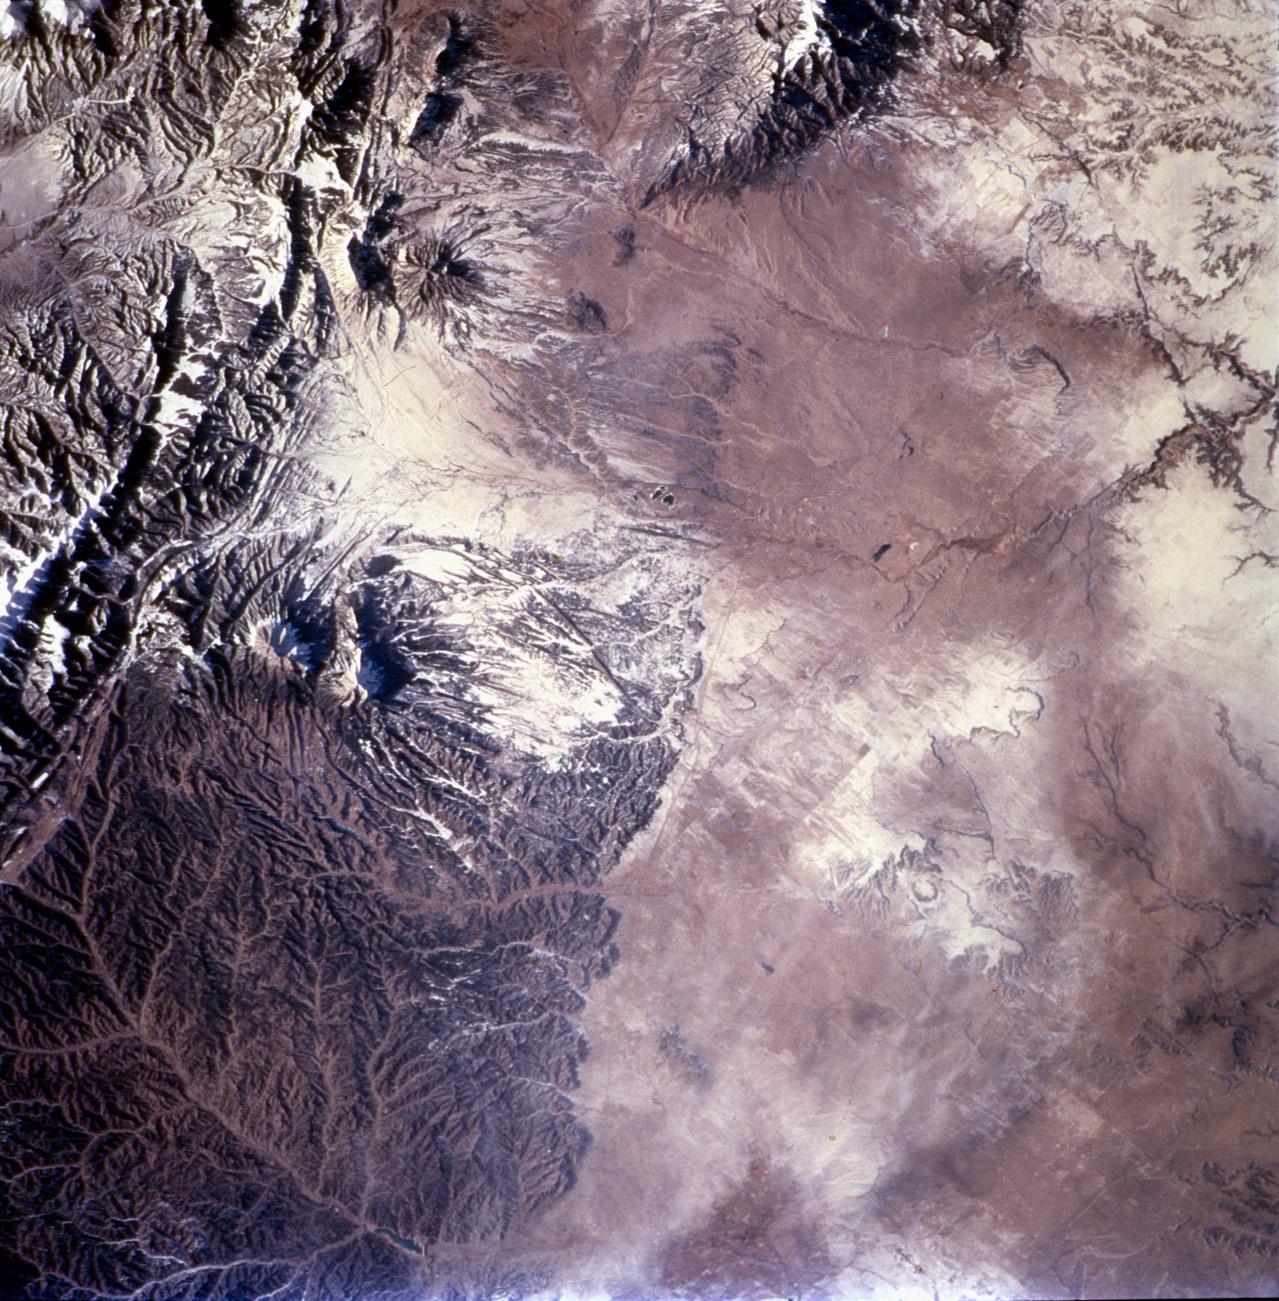 Spanish Peaks, Sierra Sangre de Cristo, Colorado